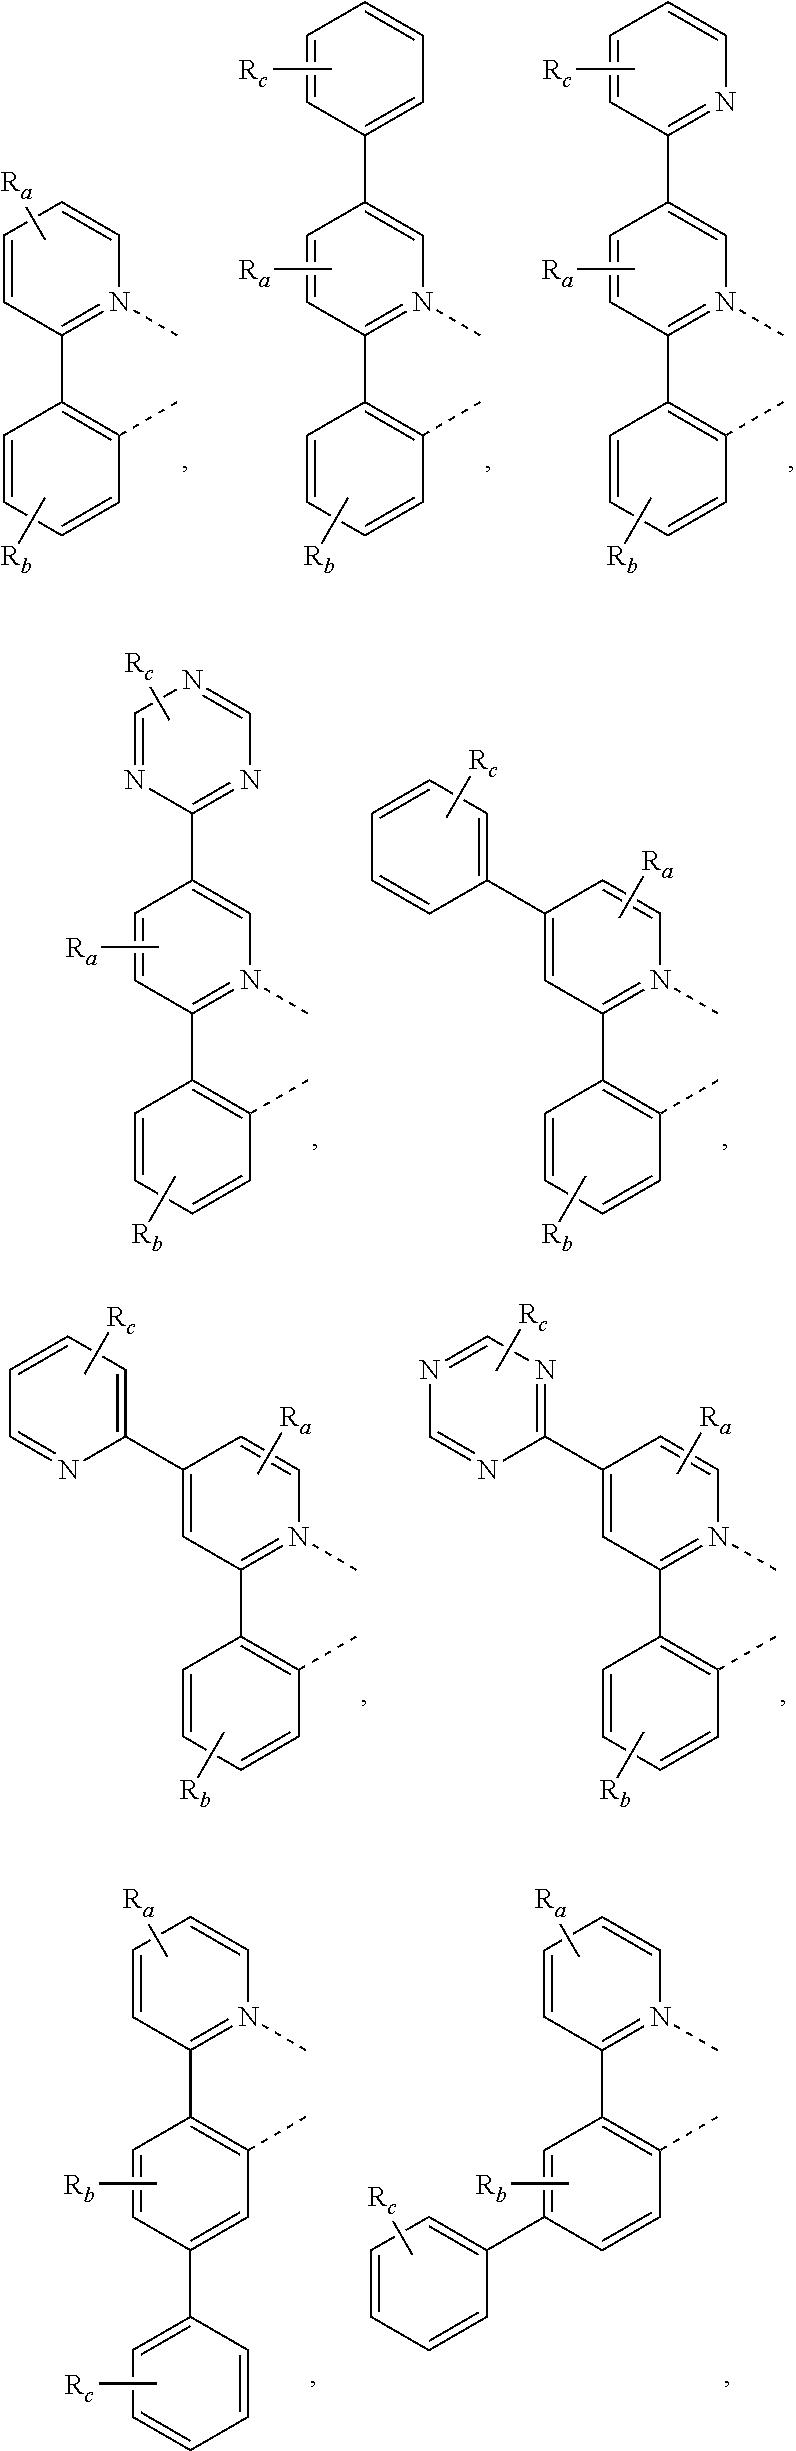 Figure US20180130962A1-20180510-C00217